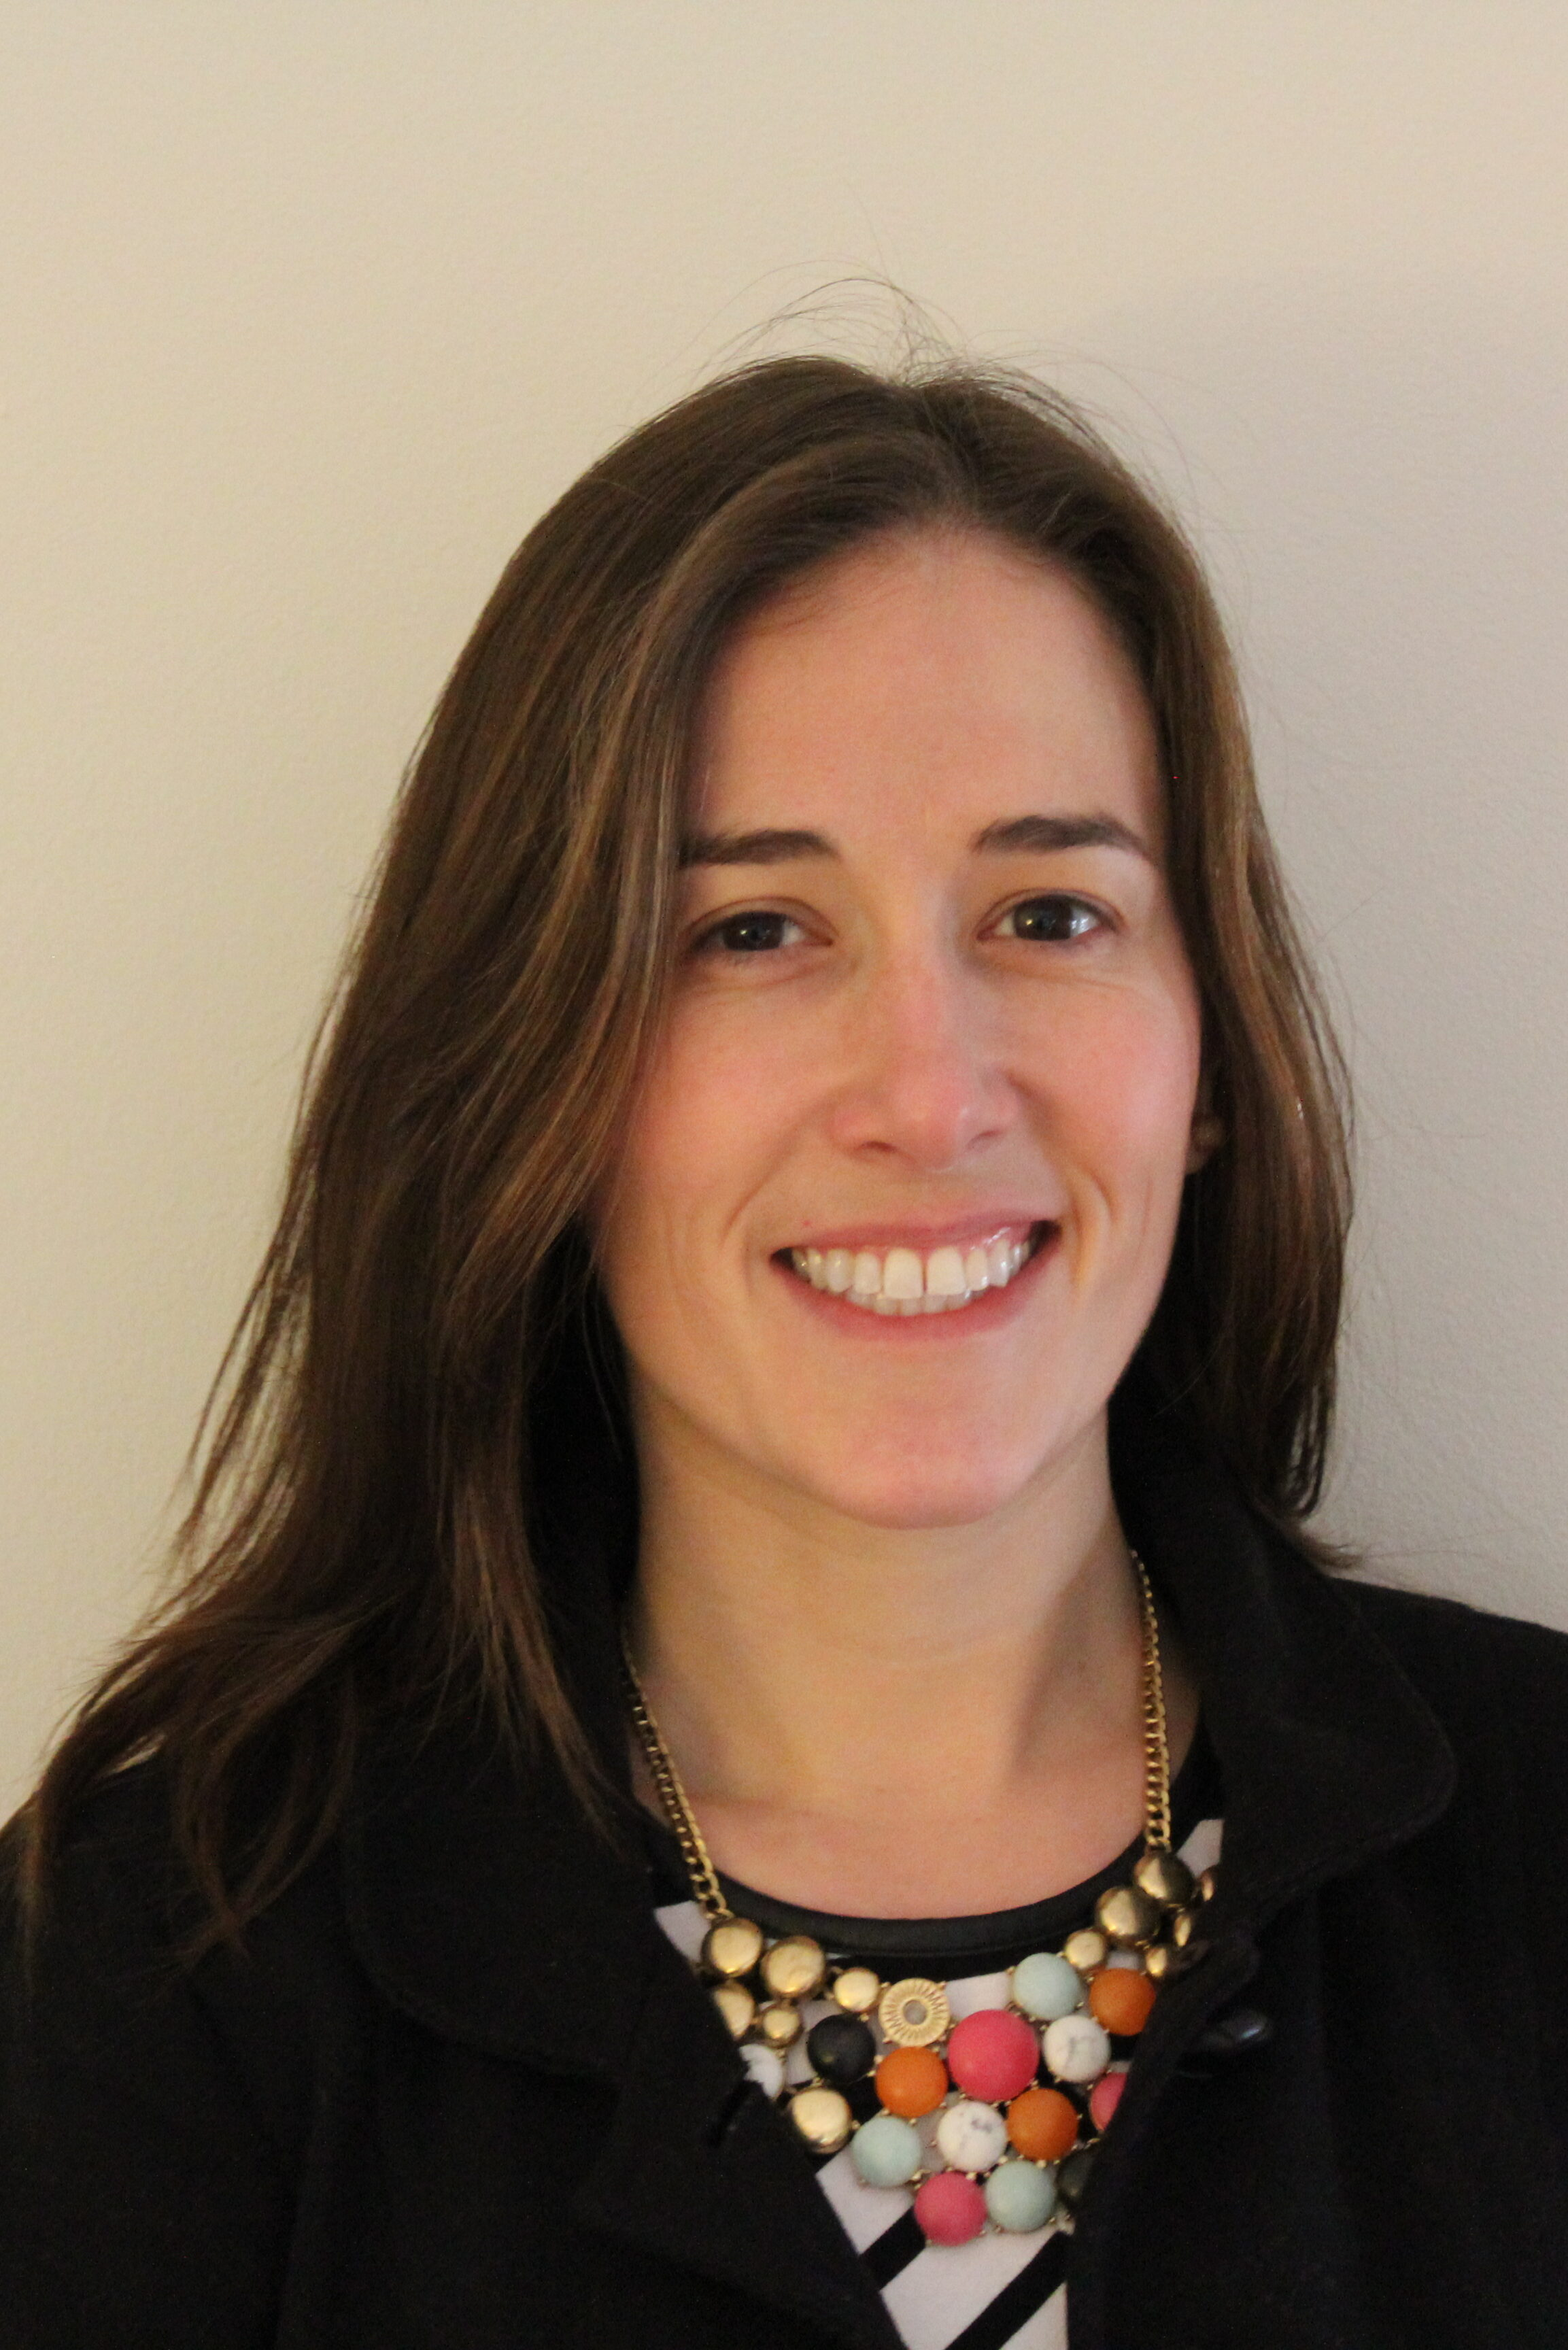 Kelly Thoerig (Panelist)